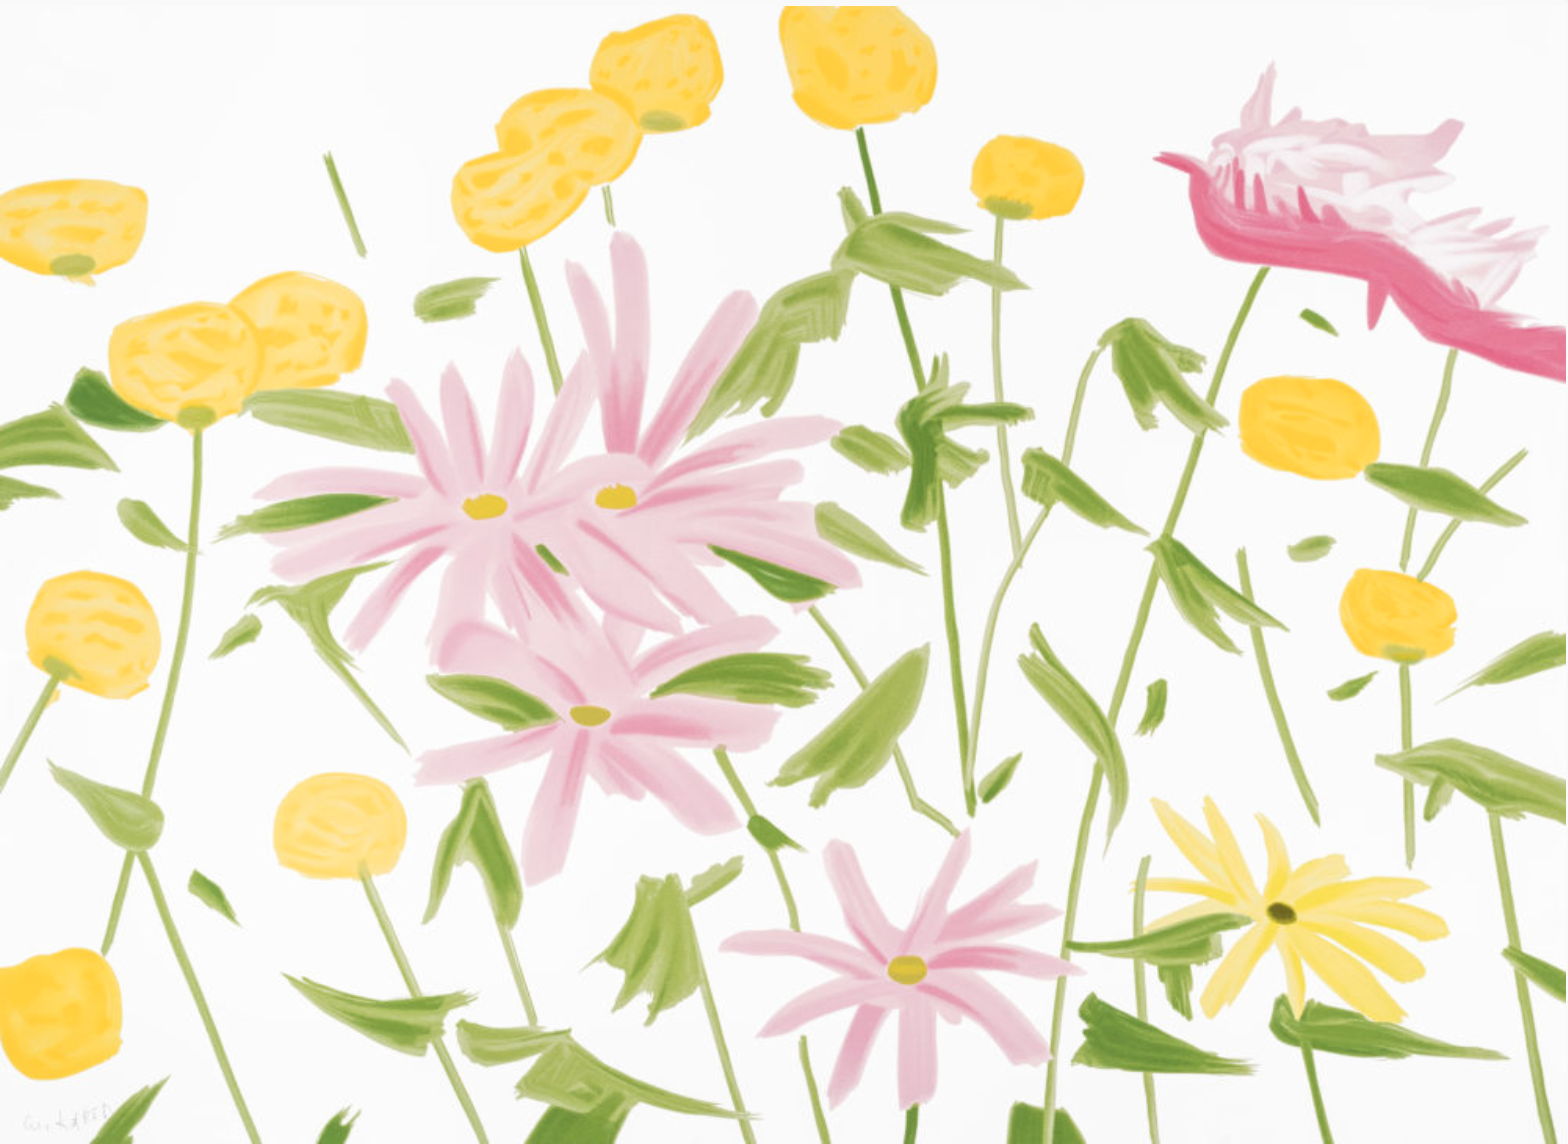 Spring Flowers by Alex Katz